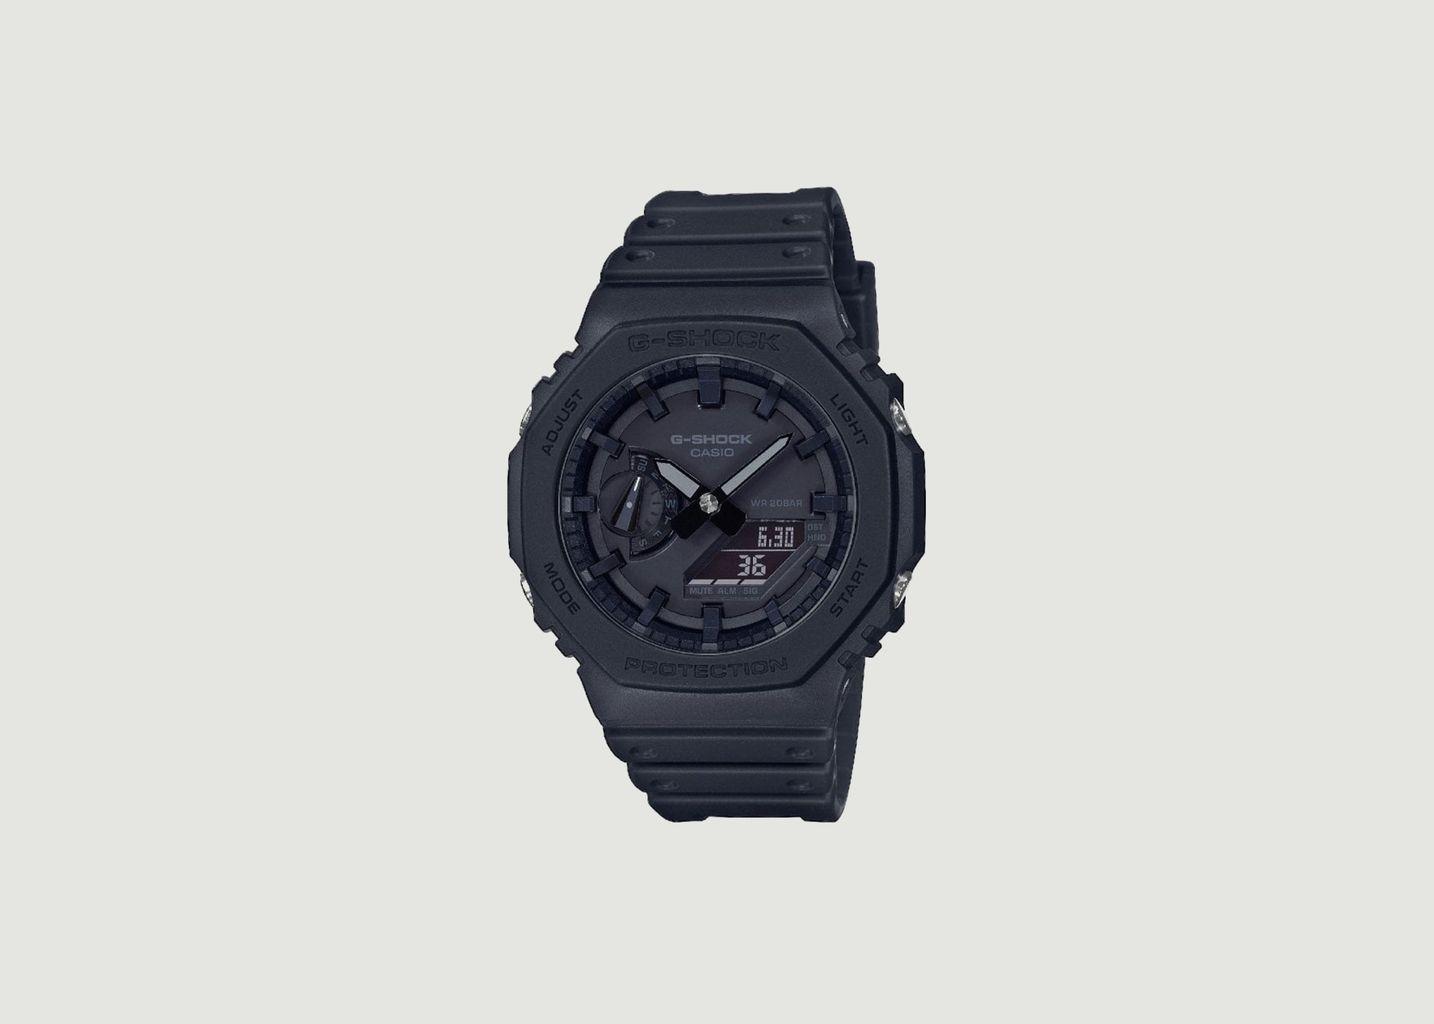 Montre G-SHOCK 2100 - Casio G-SHOCK